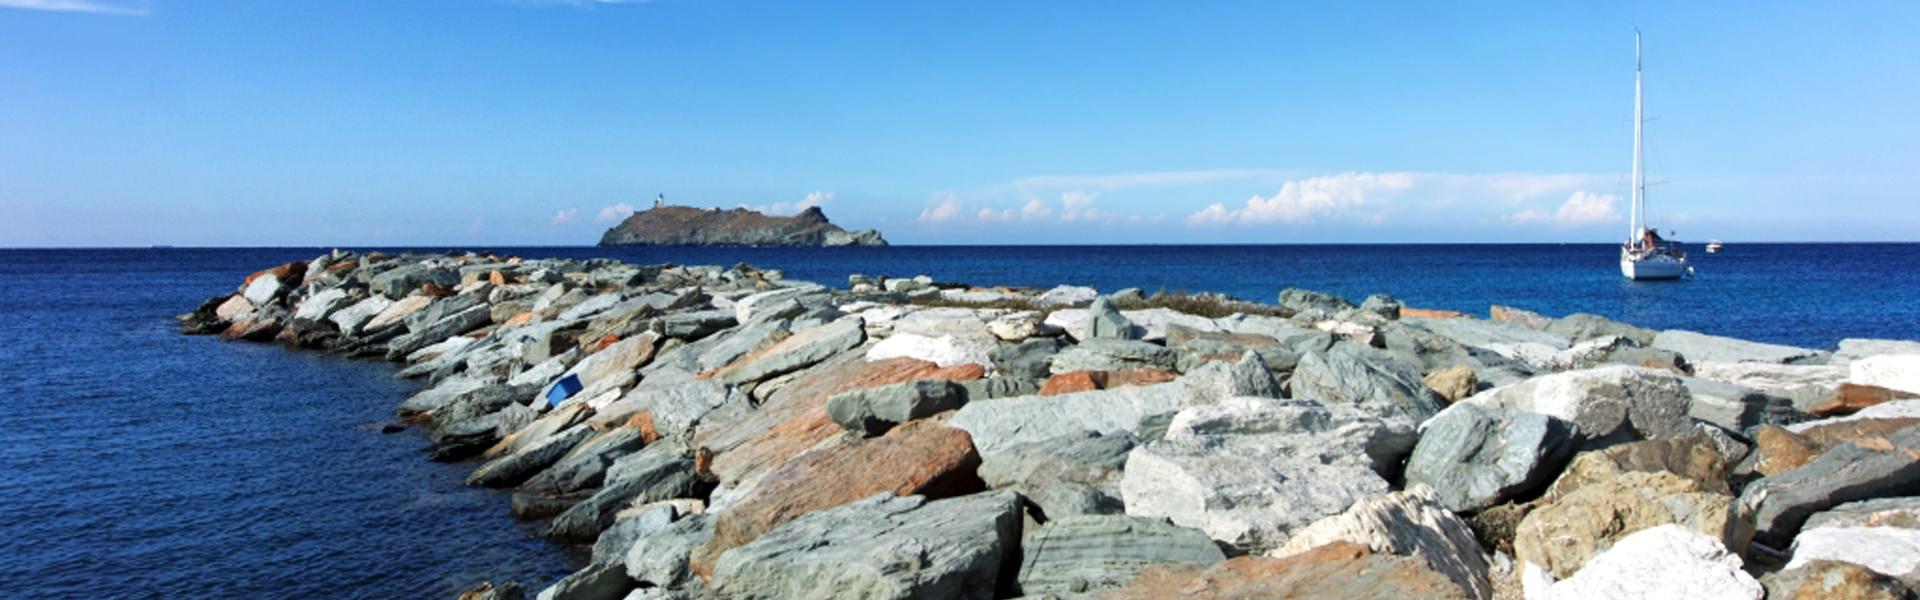 Corsica vacanza in barca a vela 2015